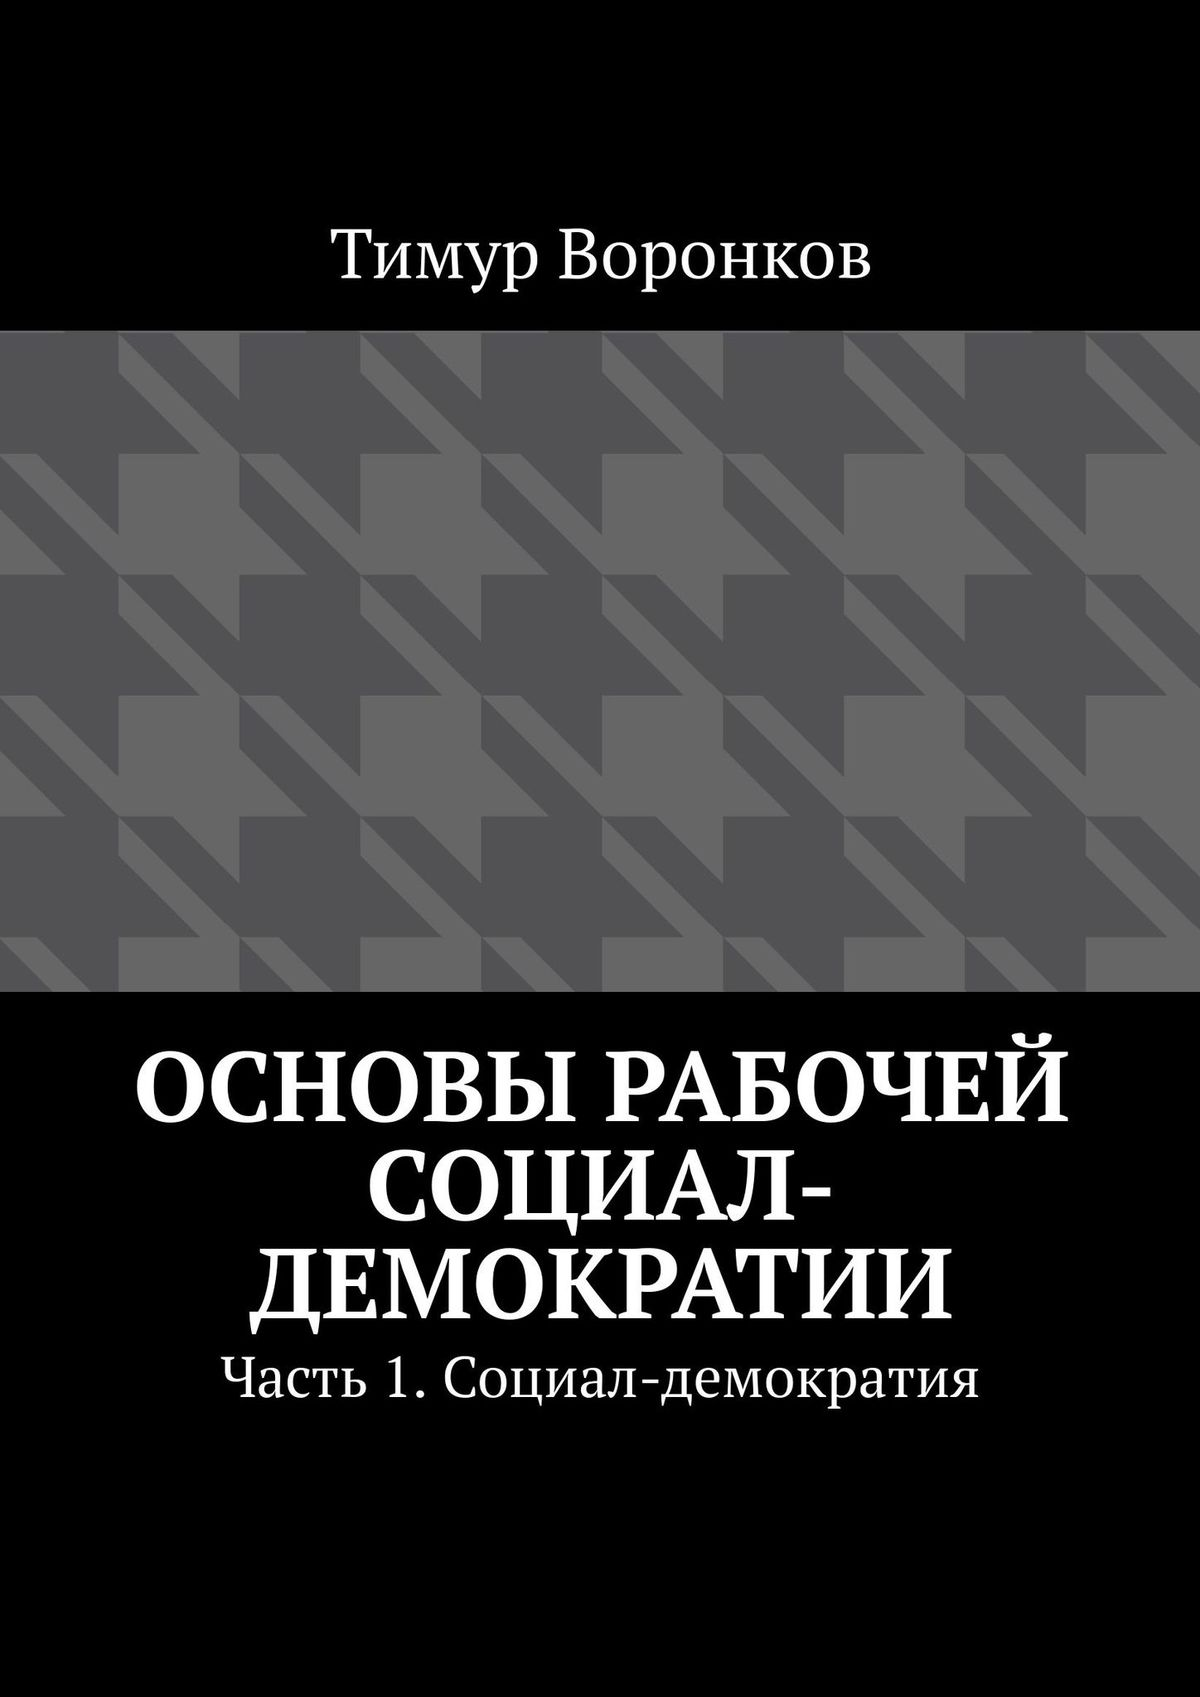 Основы рабочей социал-демократии. Часть 1. Социал-демократия